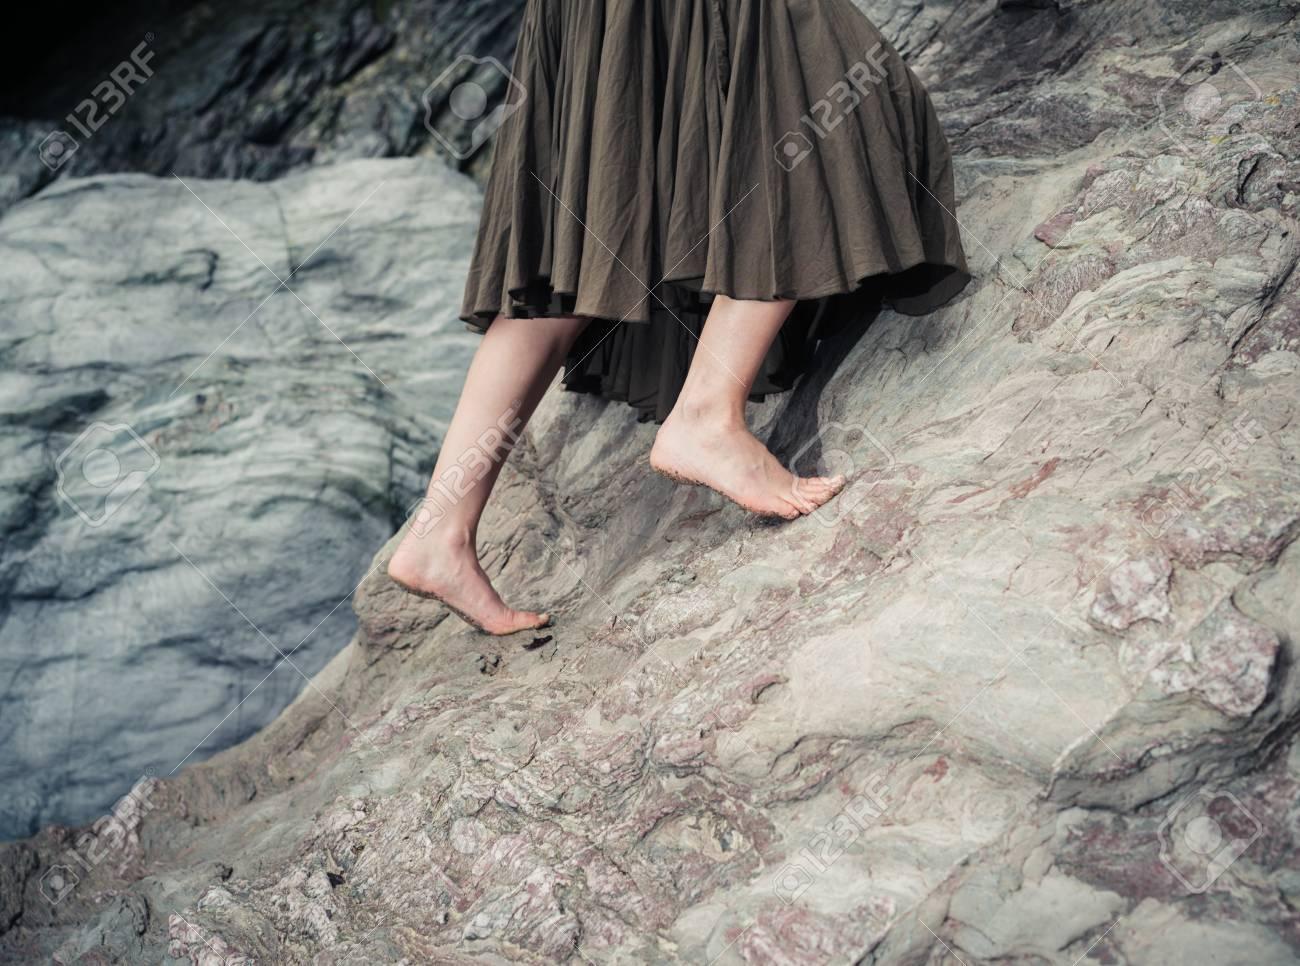 872ceef73 Los pies descalzos de una mujer joven mientras ella está subiendo por una  superficie de roca